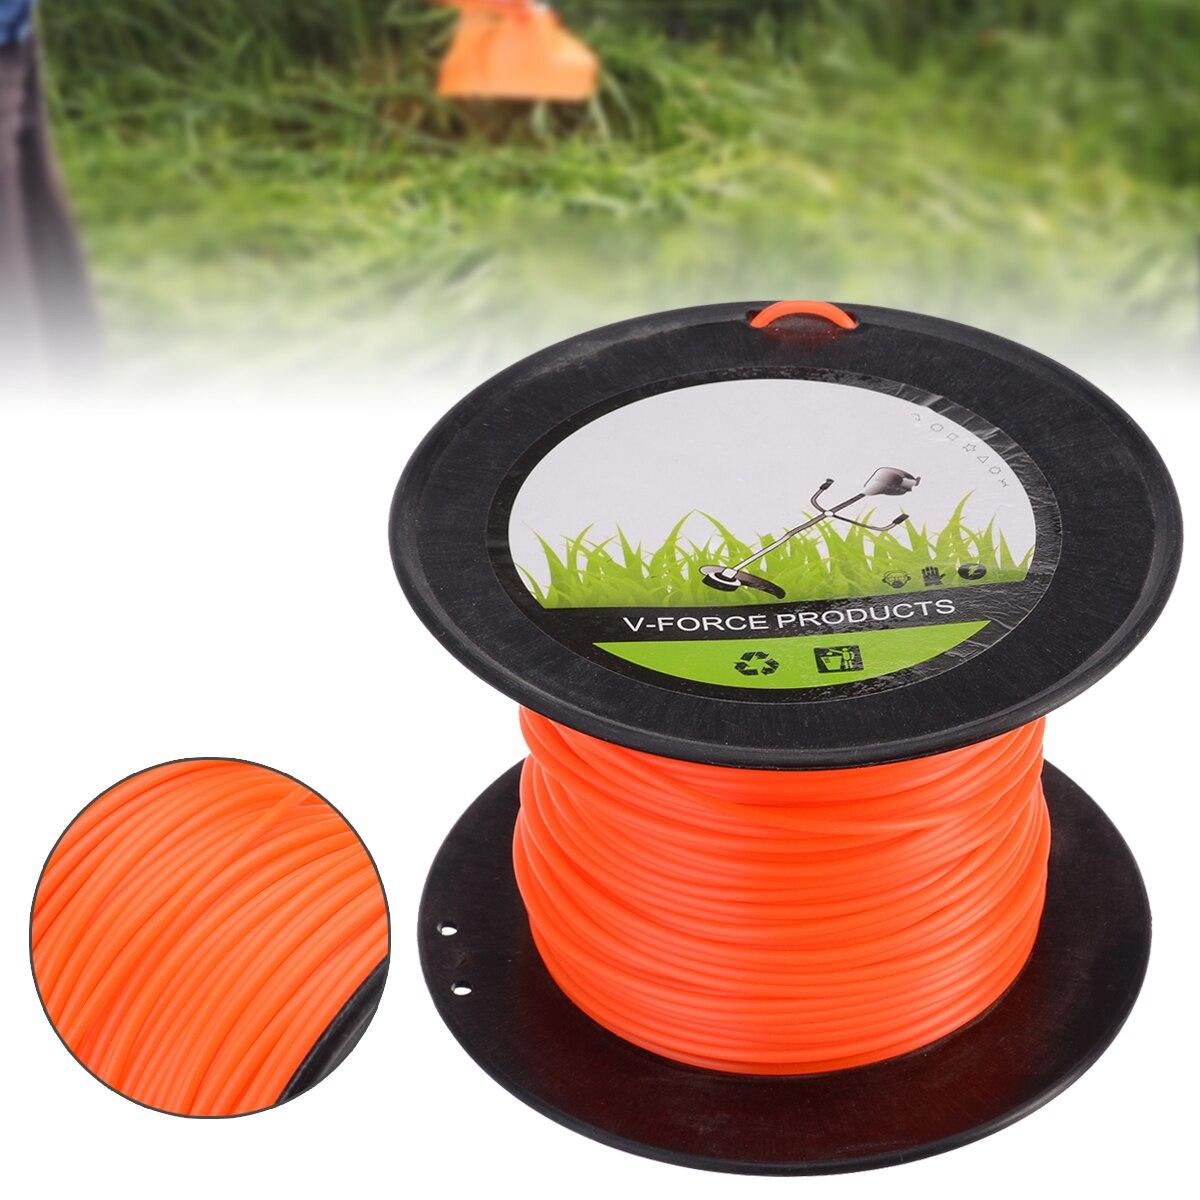 1Pcs 90m Brush Cutter/Strimmer Line/Trimmer Nylon/Cord Line Round 3mm Garden Supplies Grass Trimmer